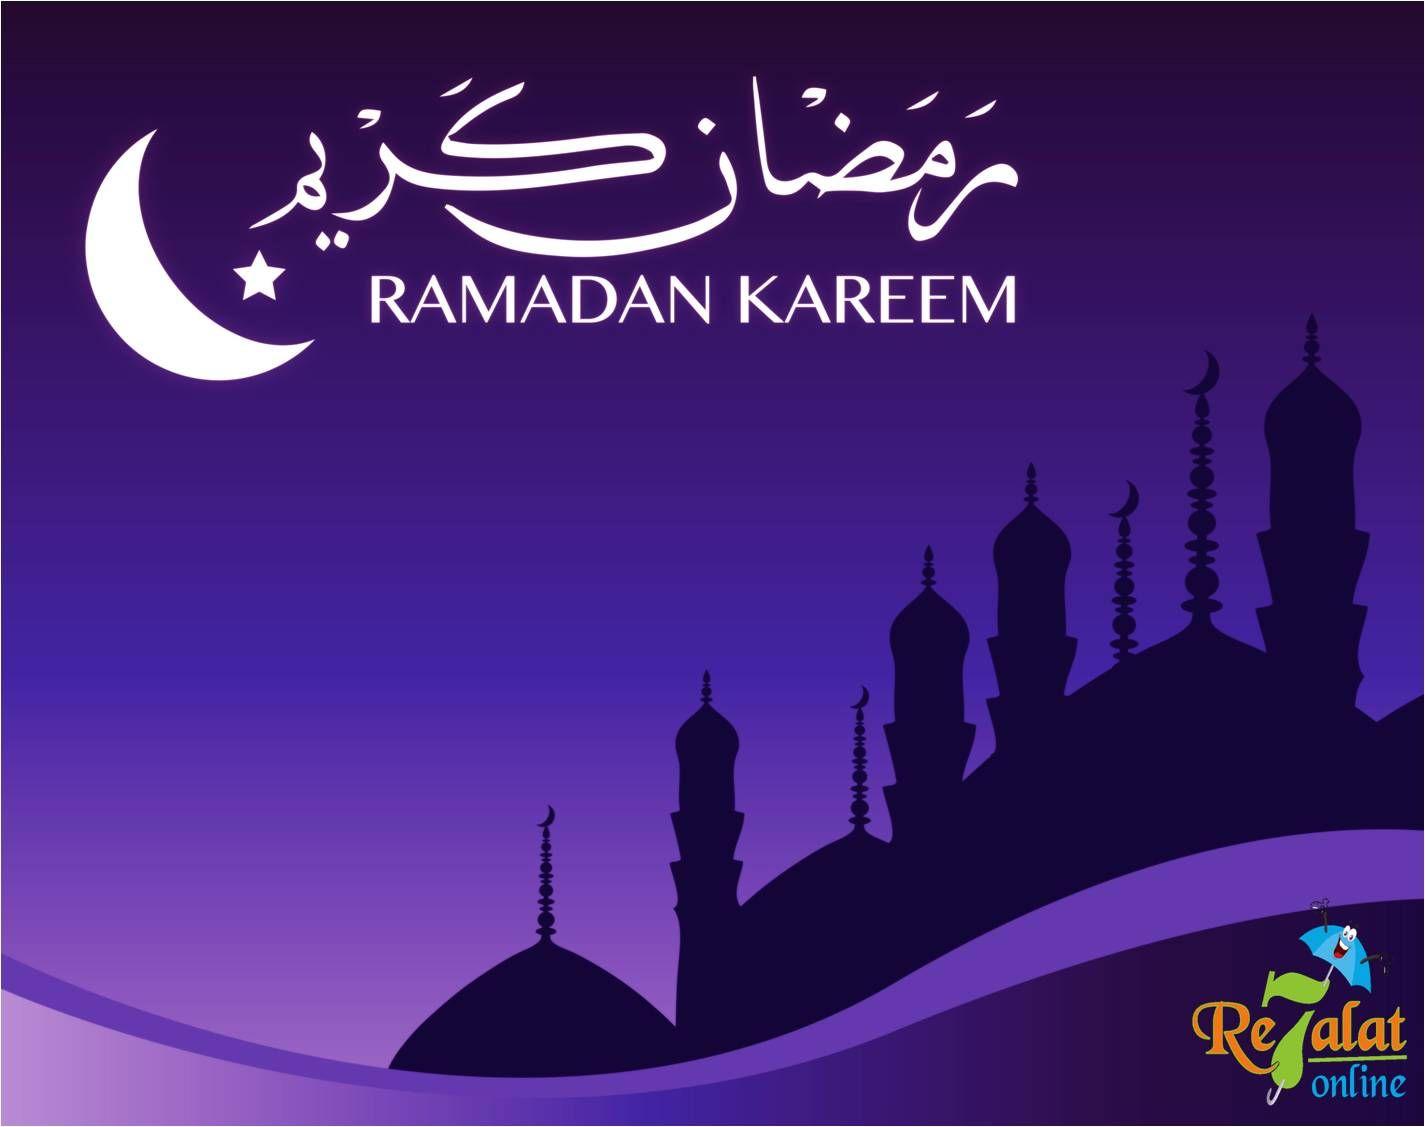 رحلات أونلاين تهنئكم بحلول شهر رمضان المبارك اعادة الله علينا وعليكم باليمن والبركات Www Re7alatonline Com Ramadan Ramzan Mubarak Image Ramadan Mubarak